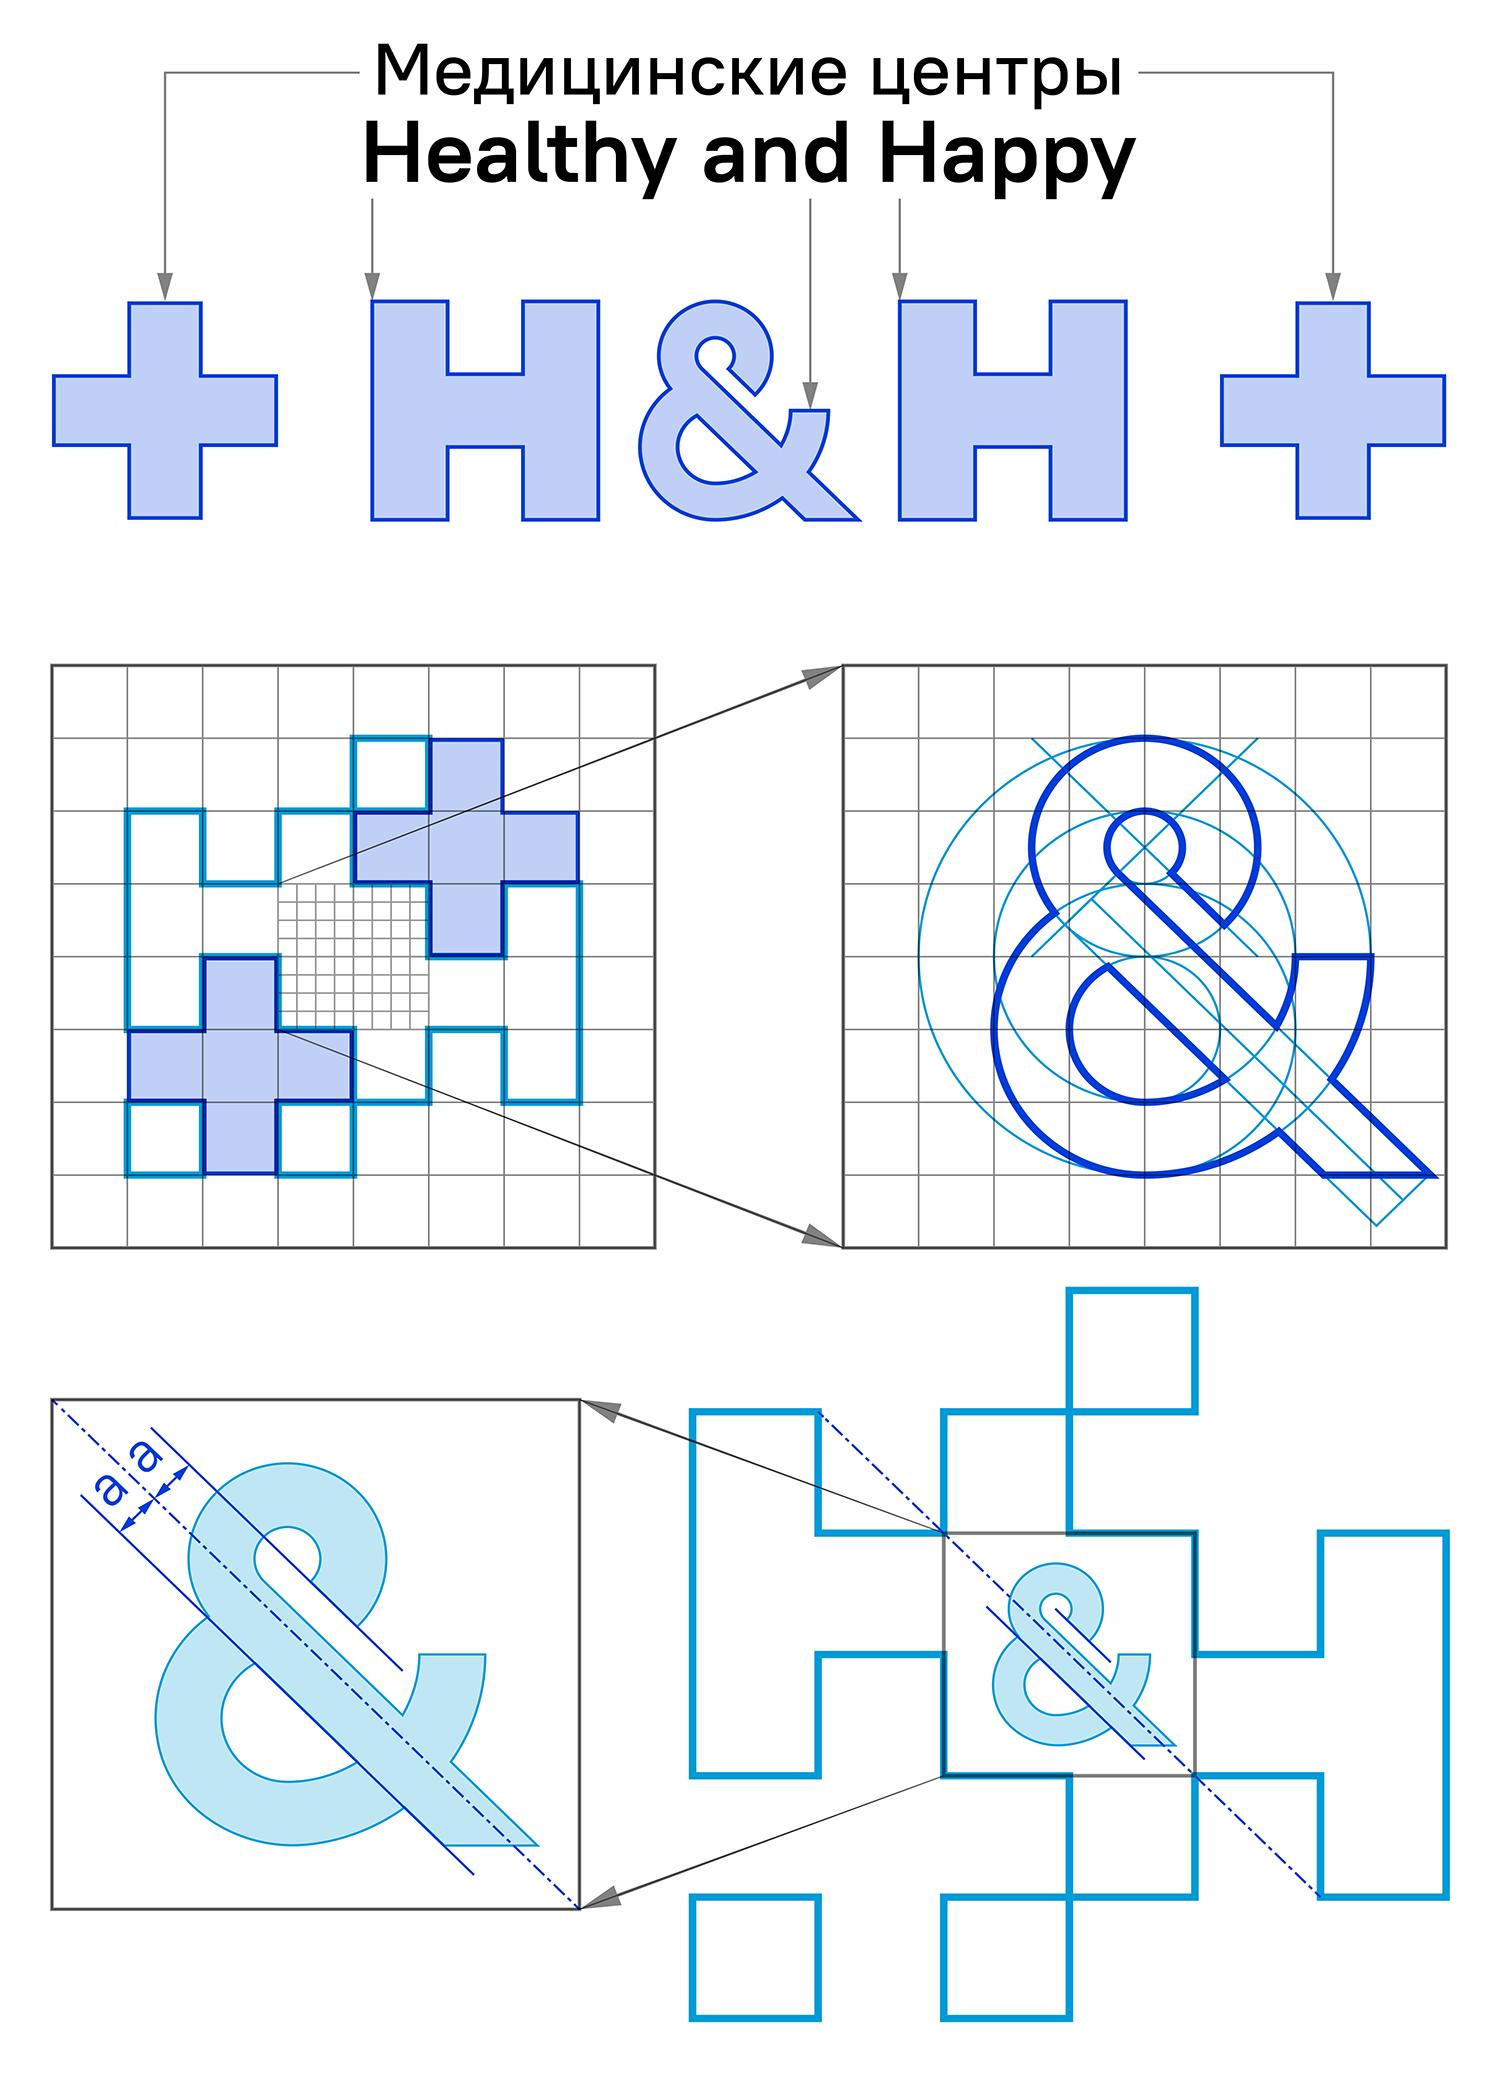 Идея логотипа сети медицинских центров Healthy and Happy (Хелси и Хеппи). Построение логотипа по модульной сетке.